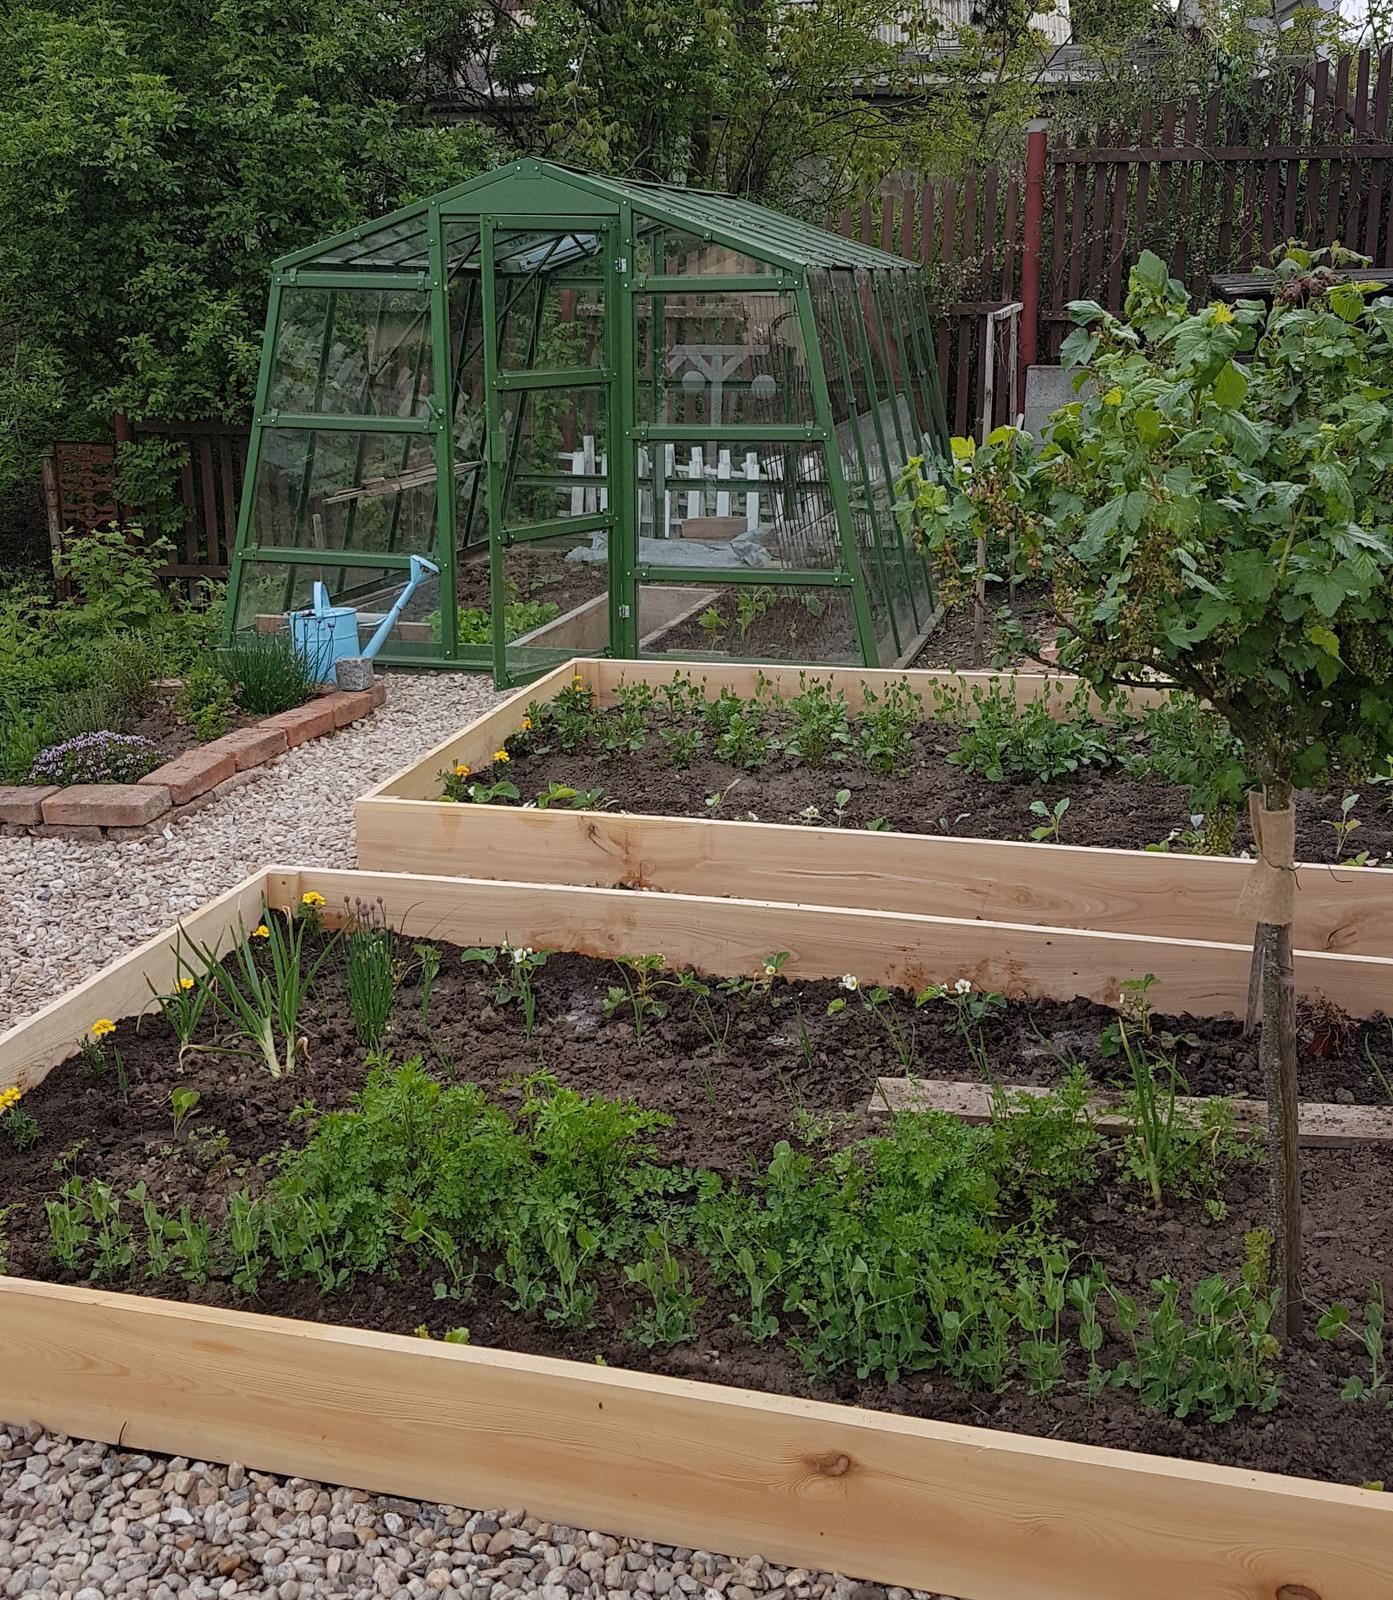 Záhrada - Prve dva záhony už máme v dreve, zajtra prehodíme ďalšie dva.